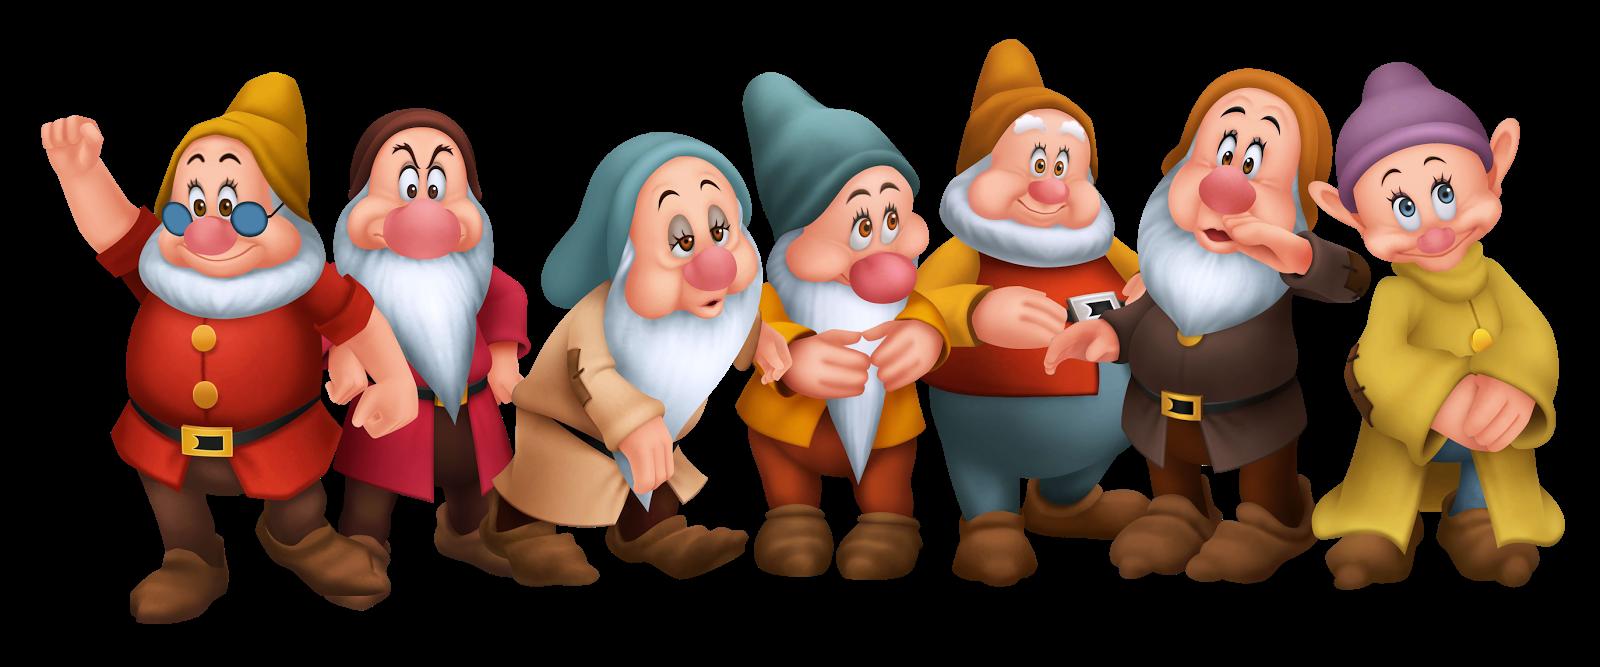 7 Dwarfs PNG Transparent 7 Dwarfs.PNG Images..